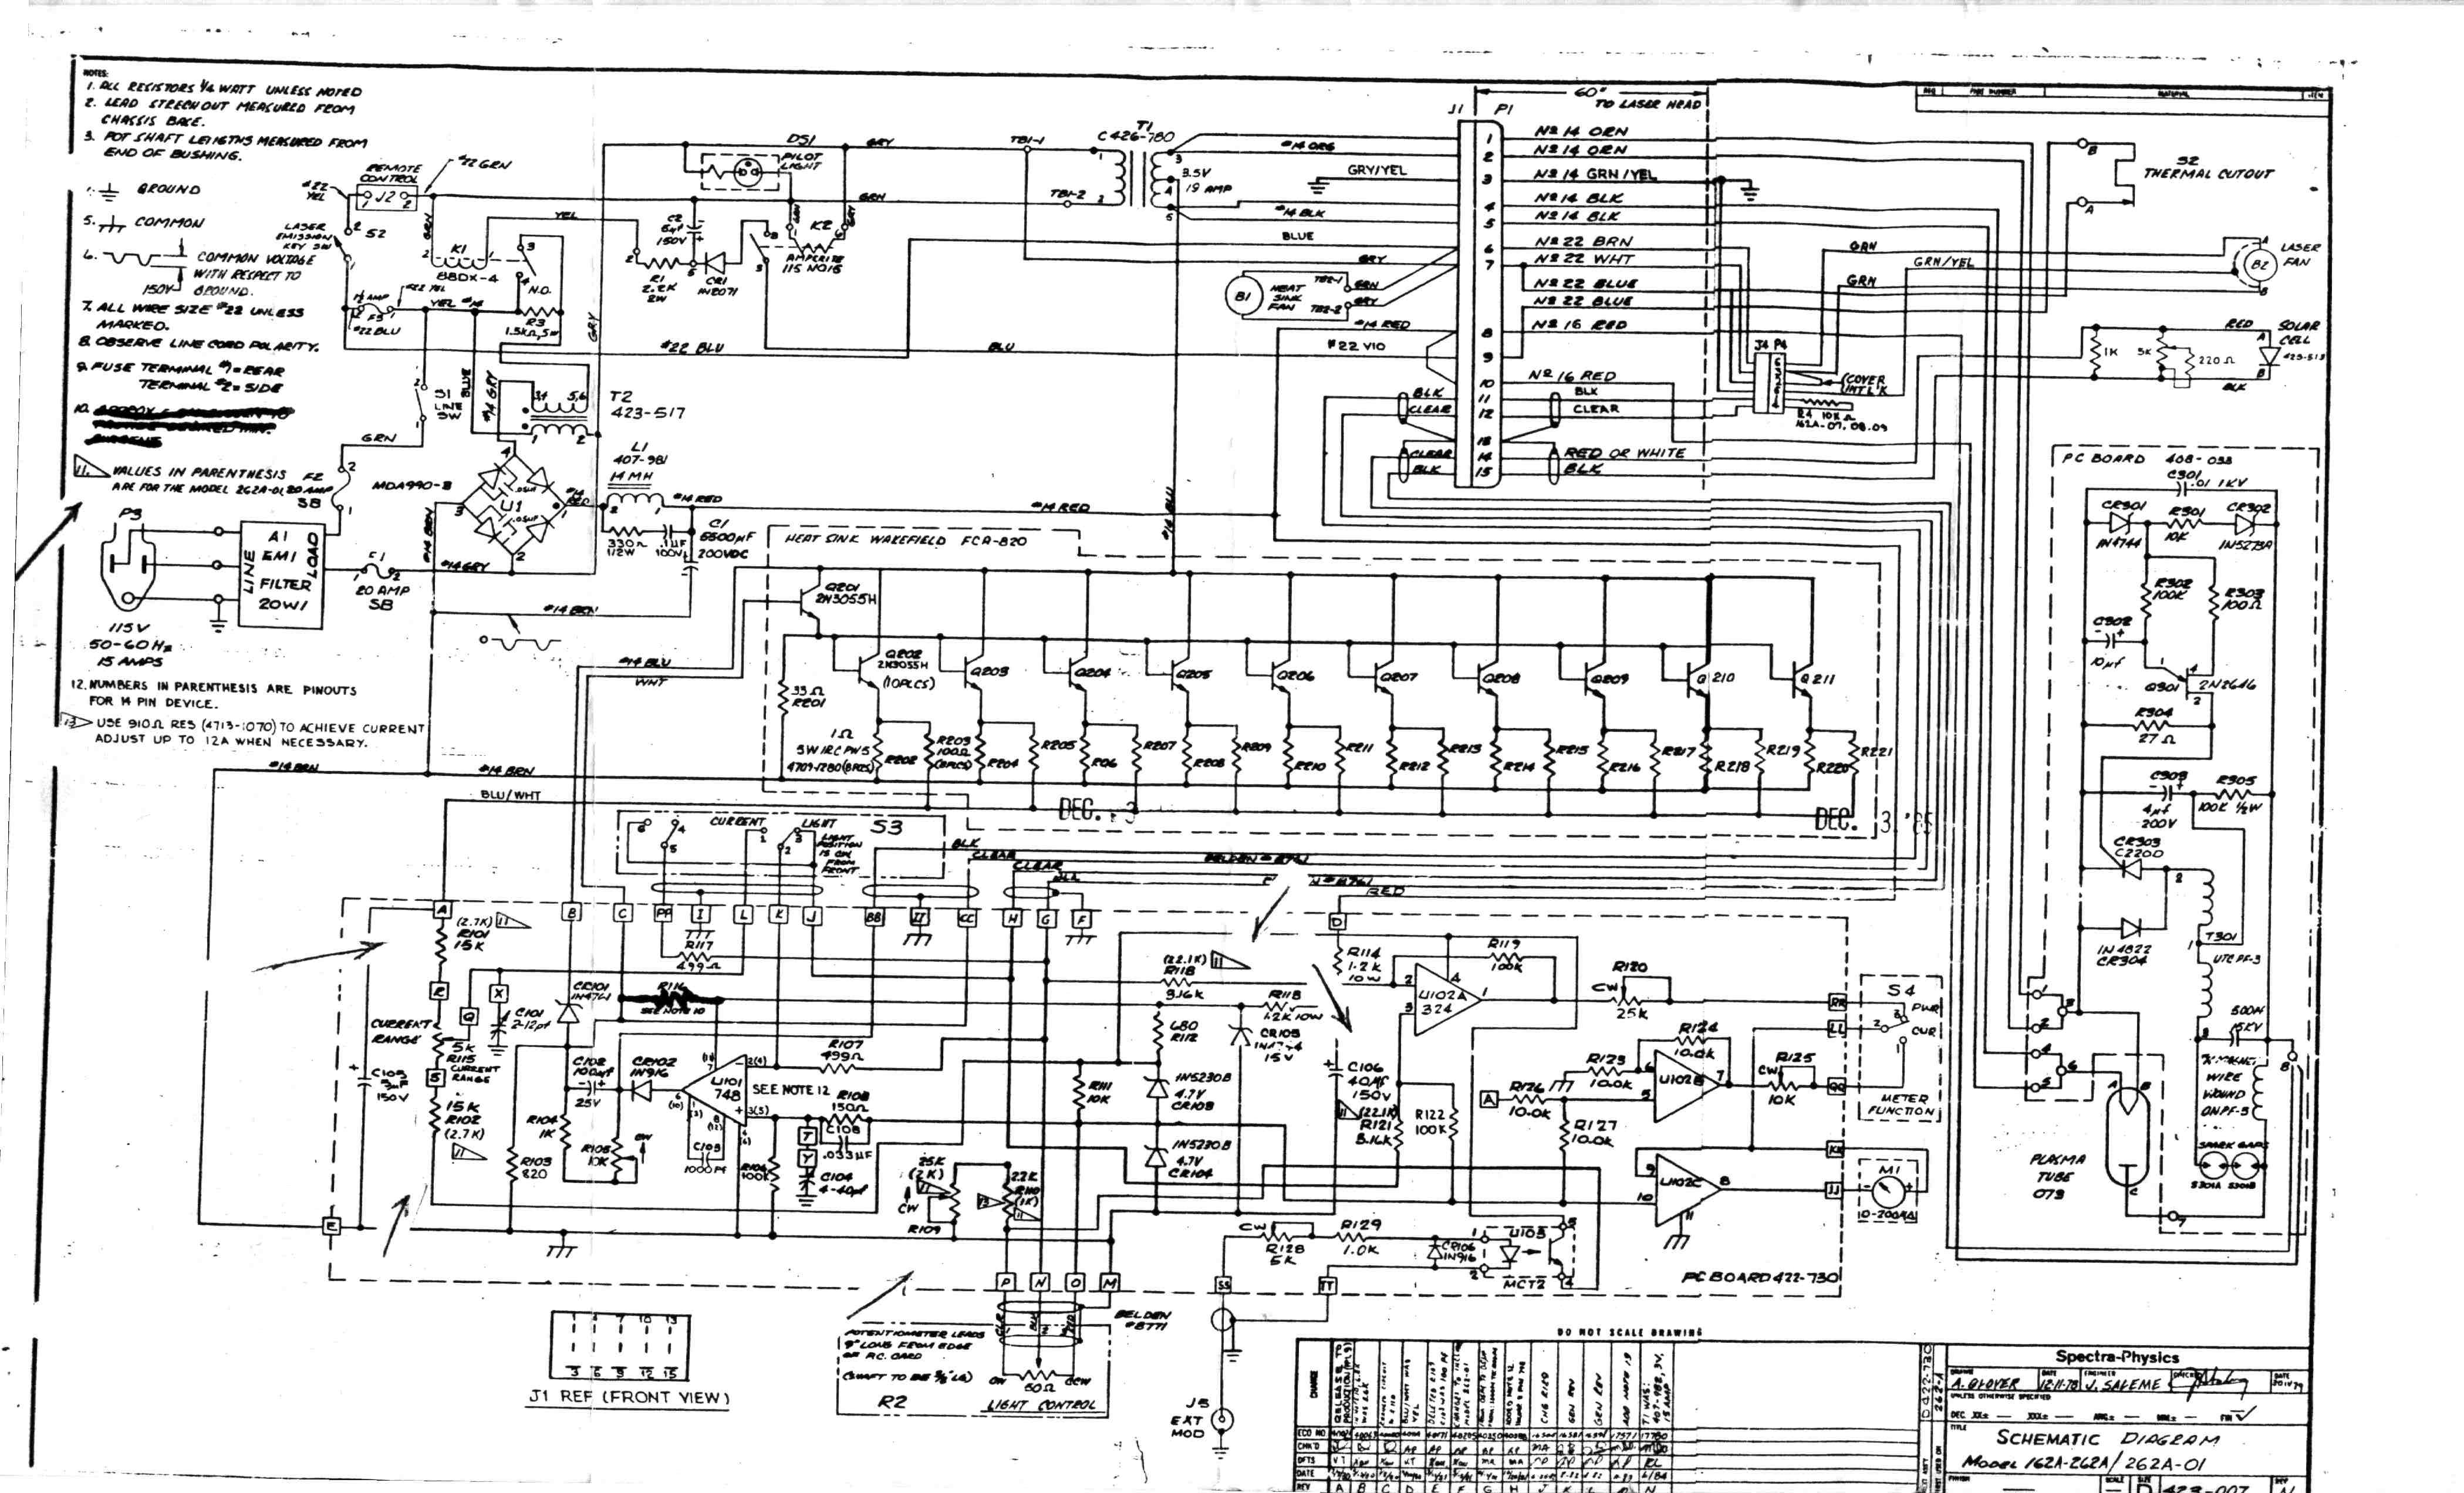 Erfreut Computer Schaltplan Bilder - Der Schaltplan - triangre.info